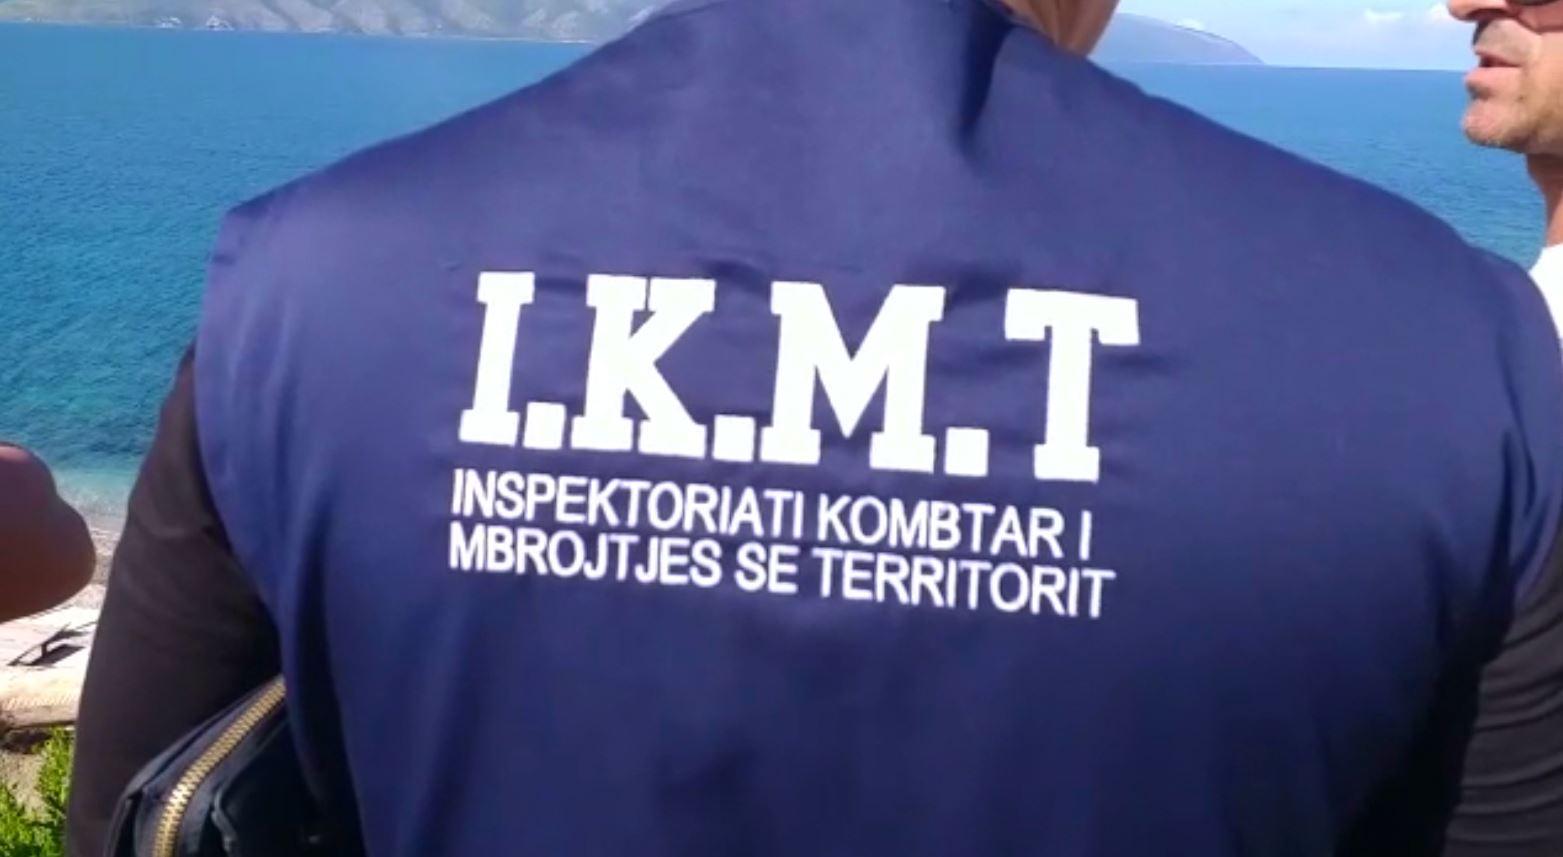 IKMT aksion për prishjen e ndërtimeve në bregdetin e Radhimës